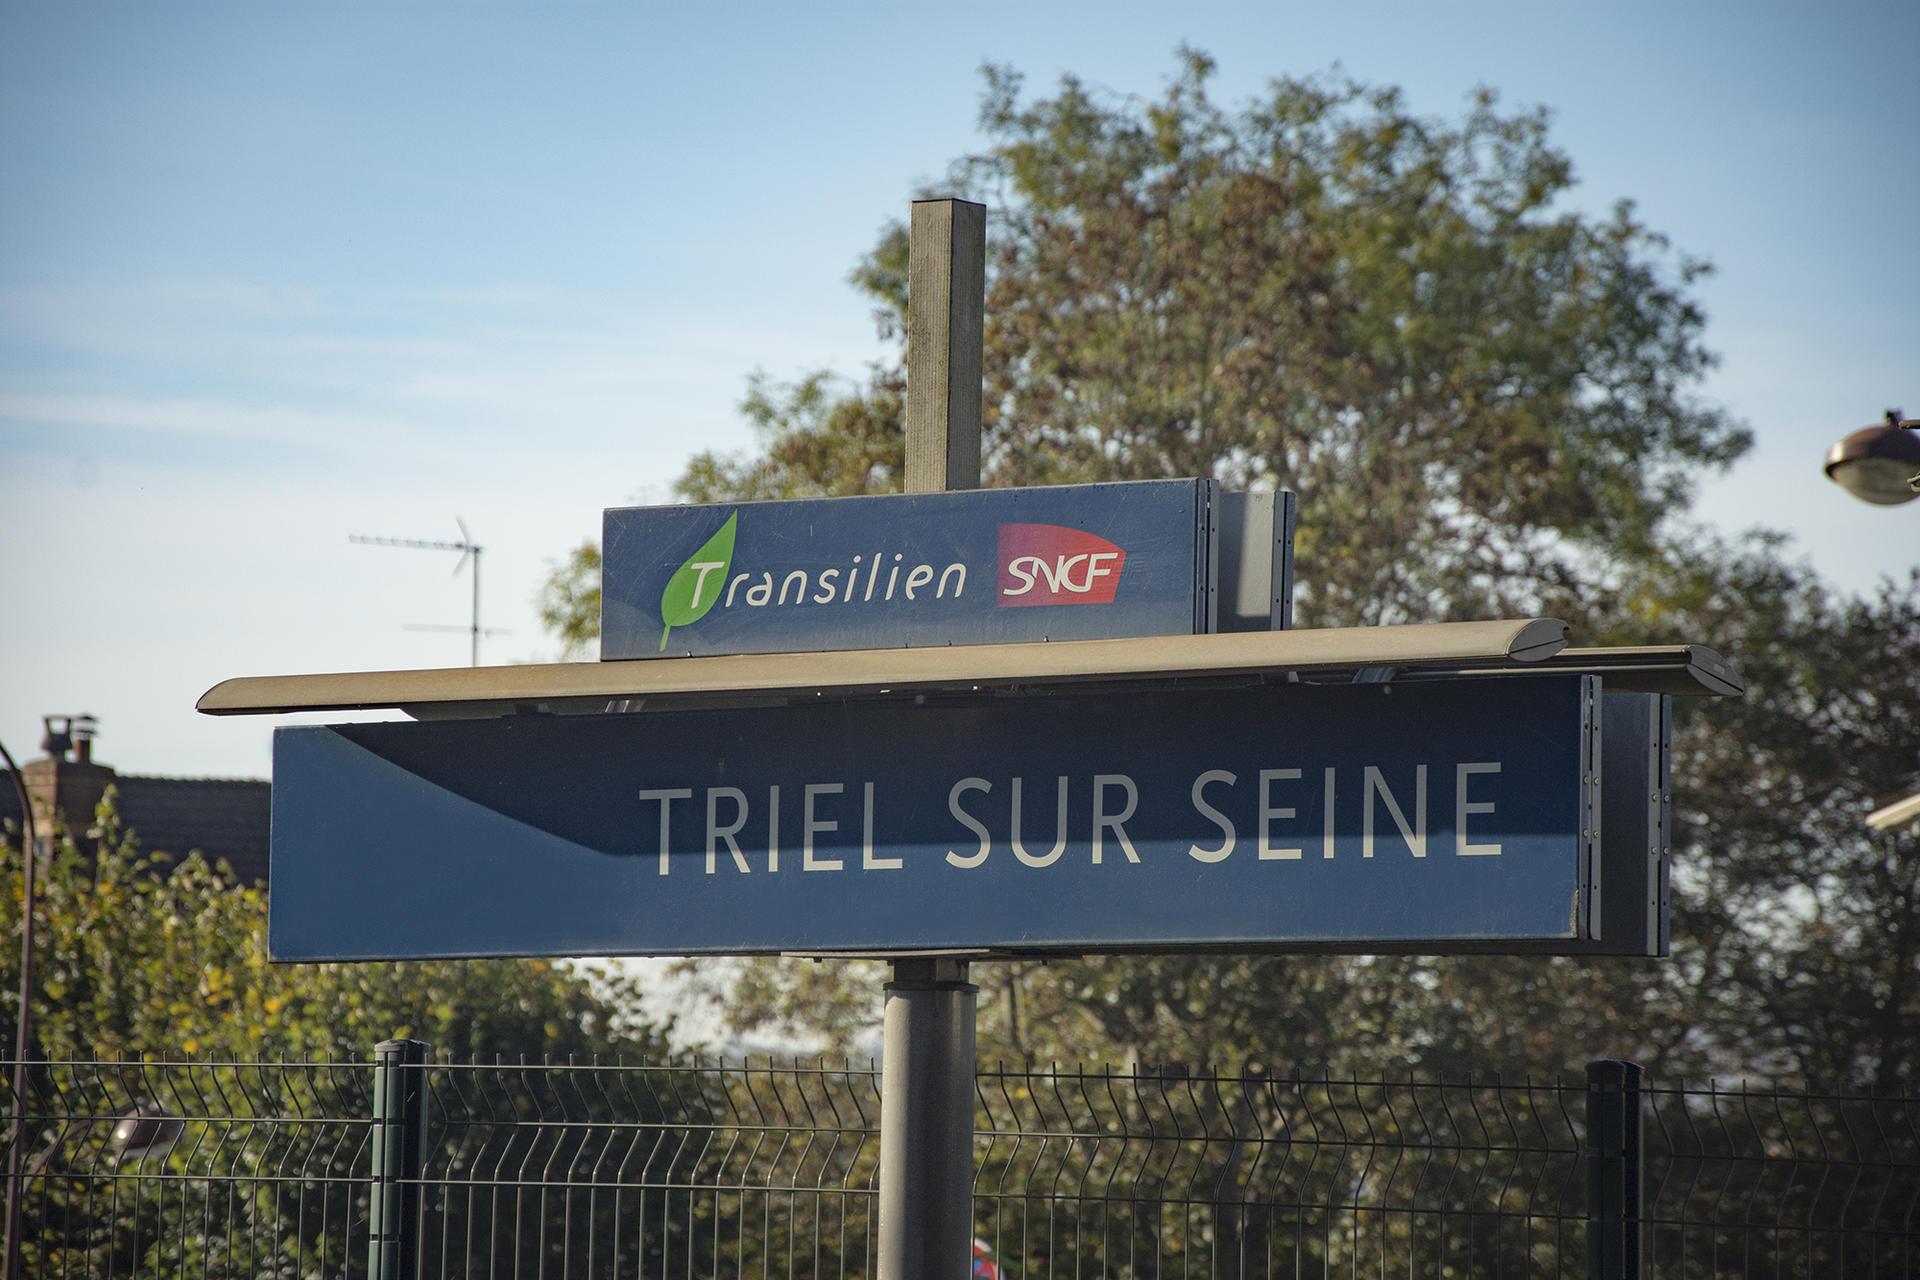 Triel Sur Seine Fr train - triel-sur-seine